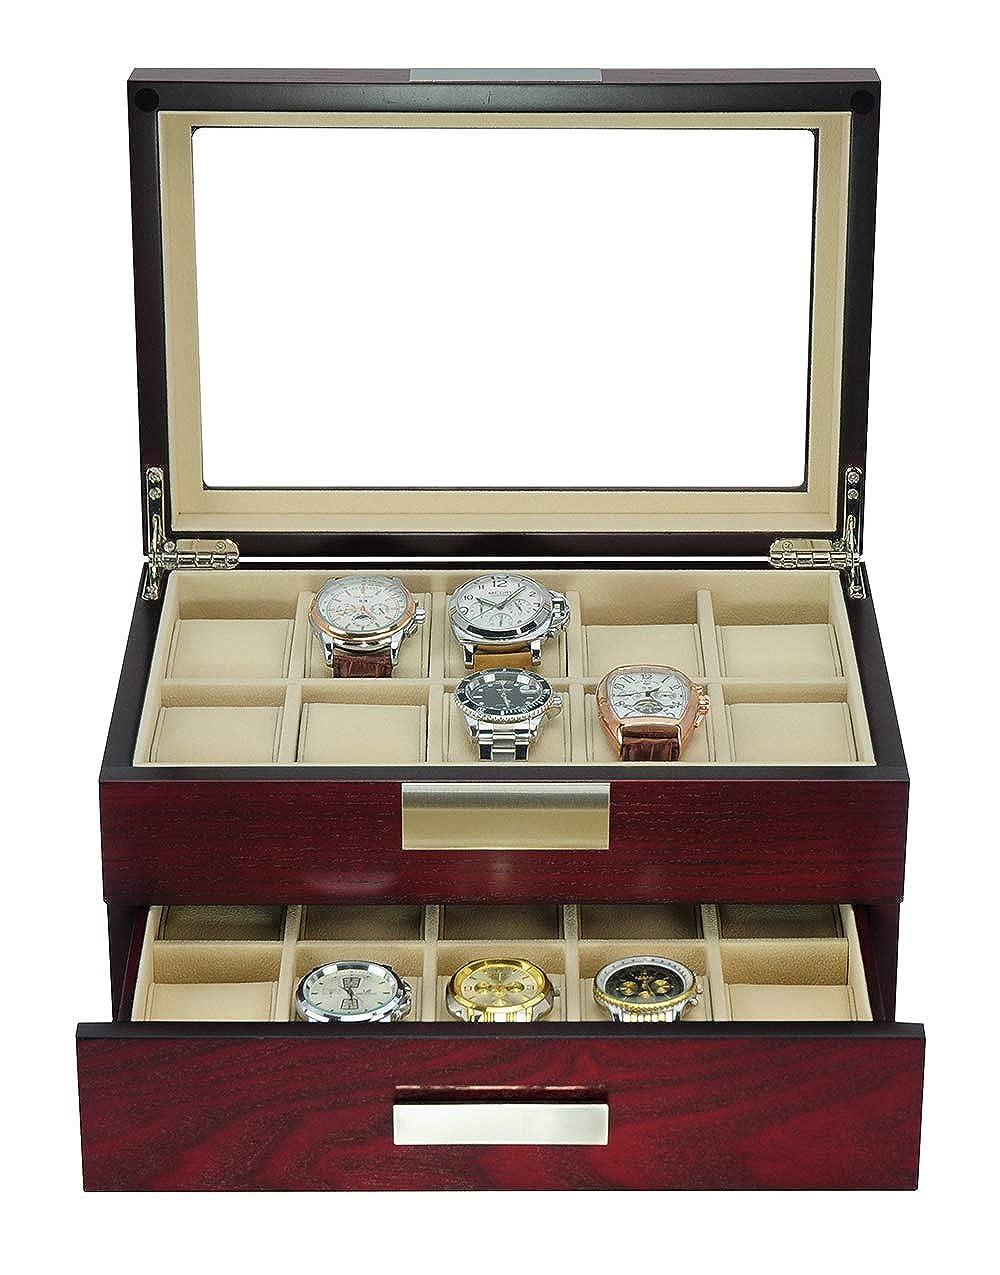 Uhrenbox Uhren Holz 20 Schwarz Aus Uhrenschatulle Für Edle pUMSzV